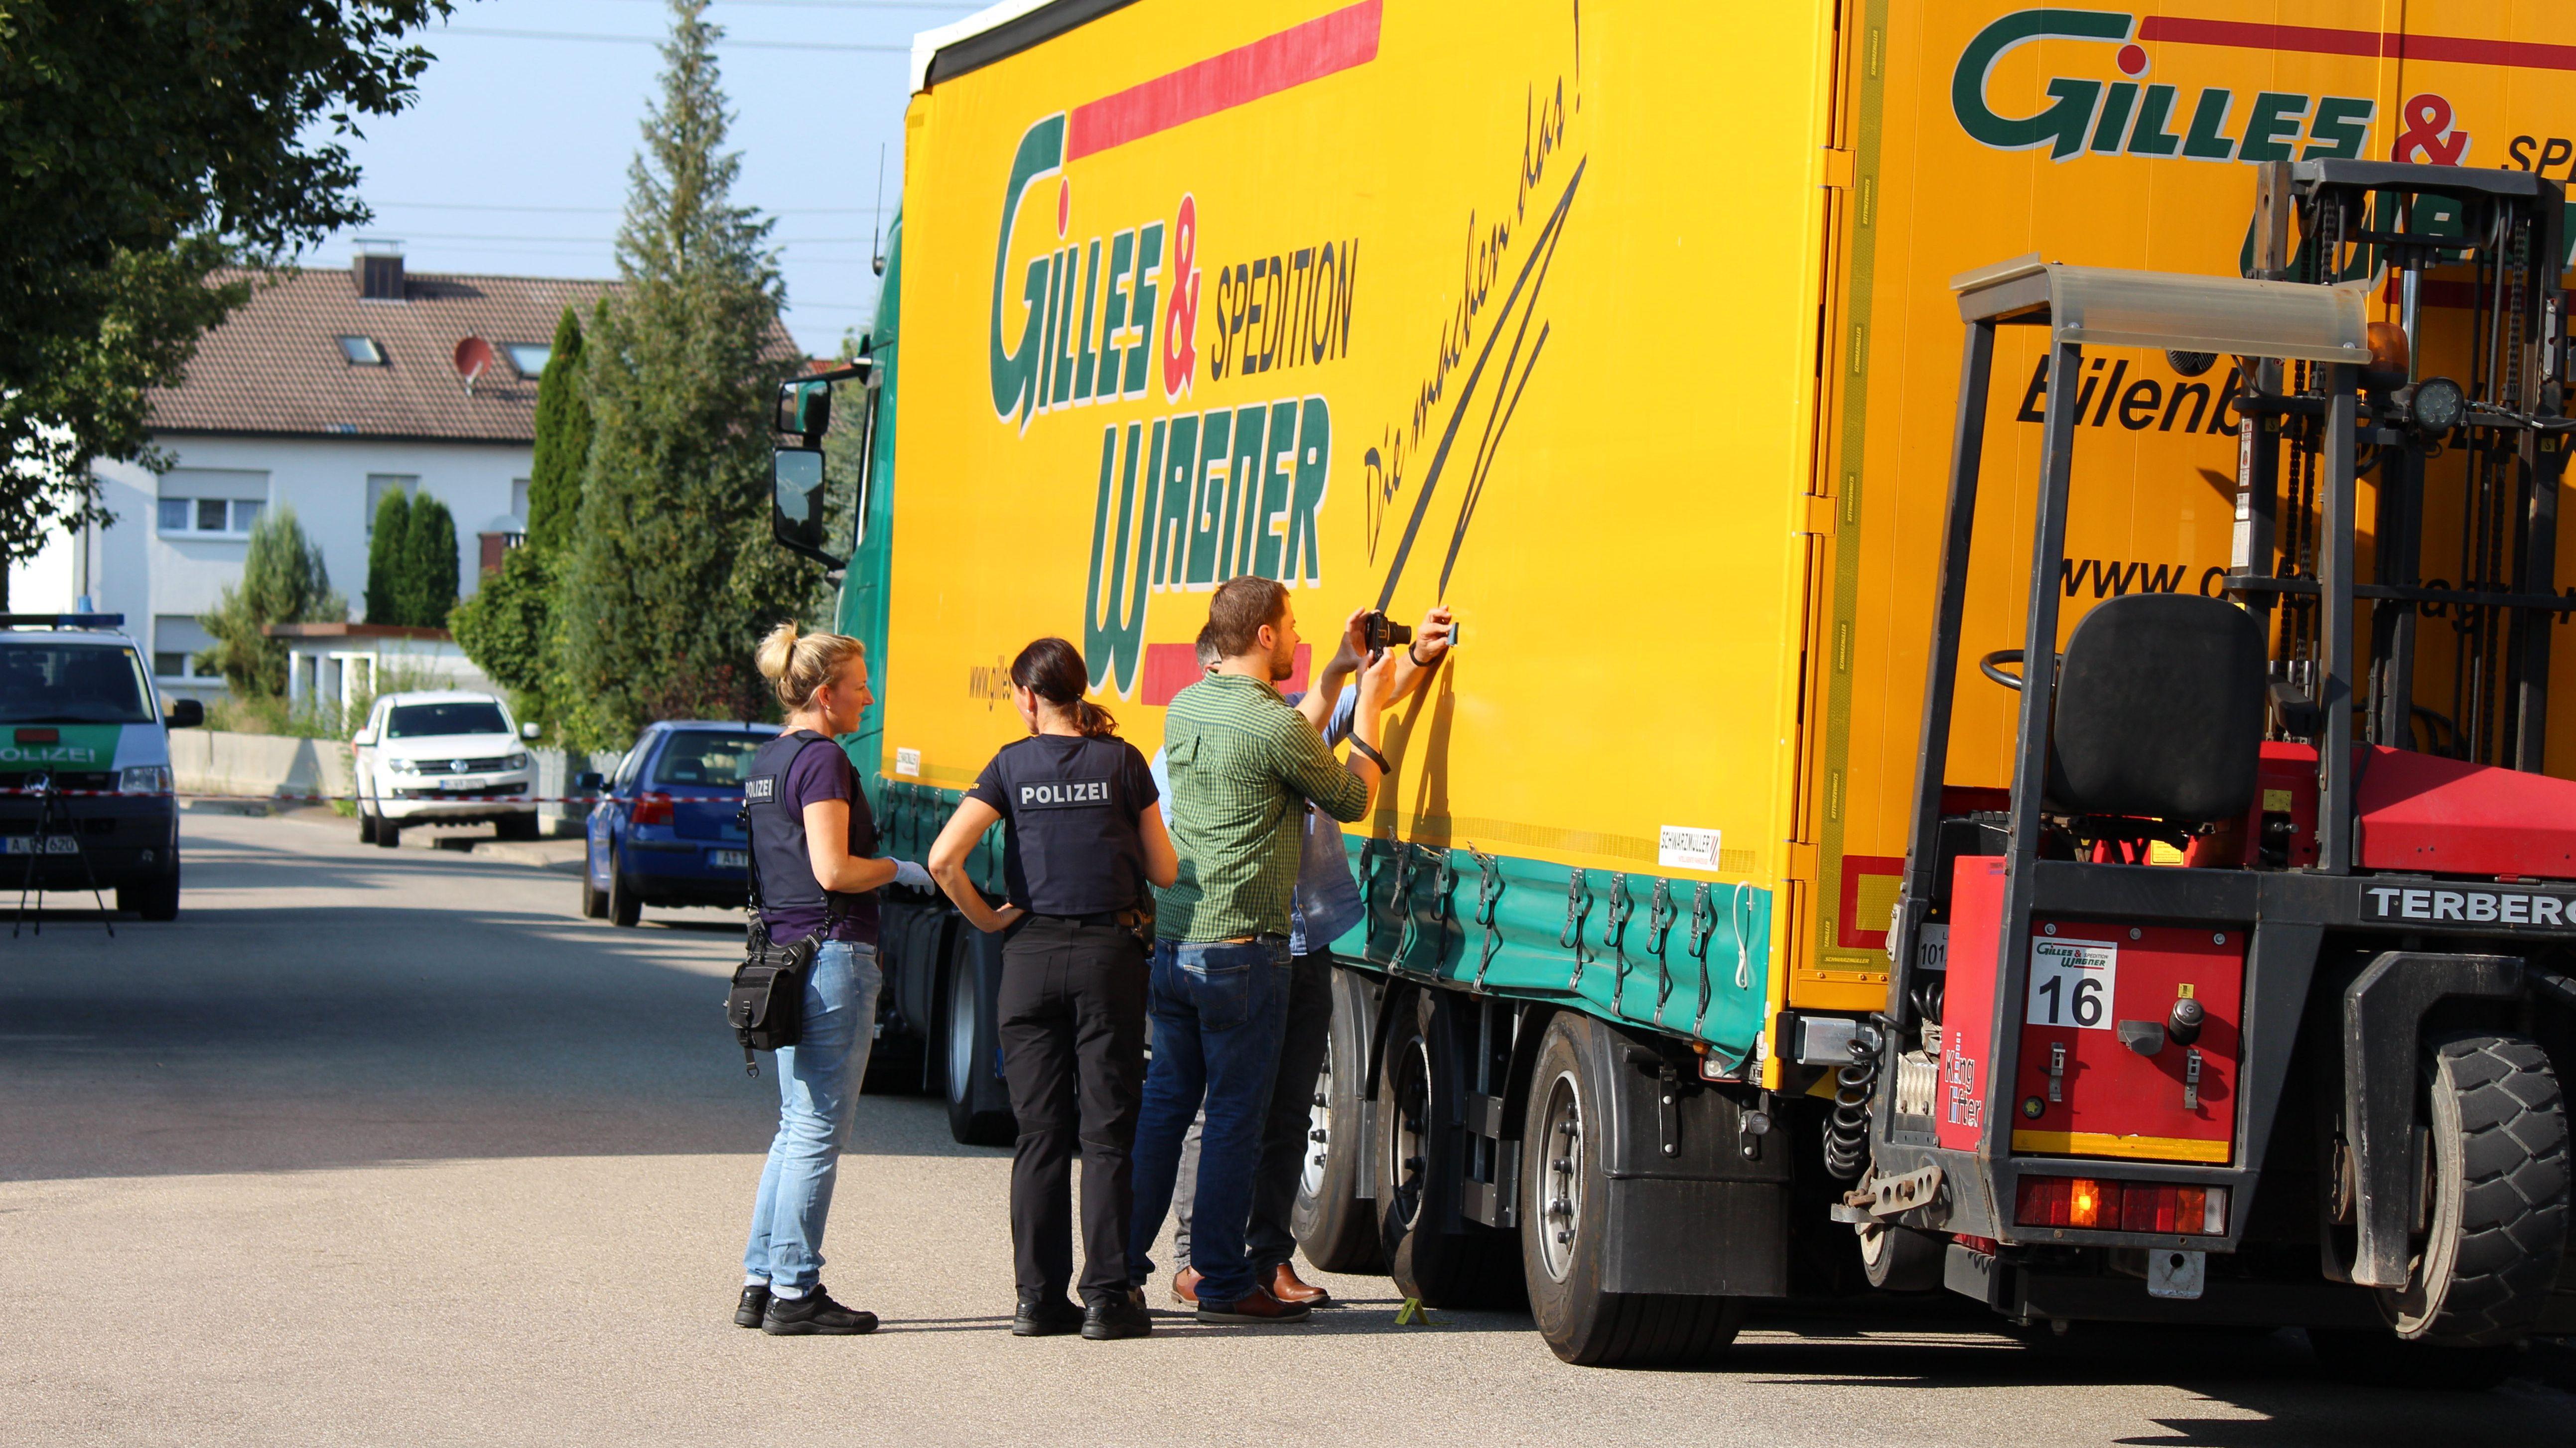 Ermittlungen am Tatort in Nordendorf am Dienstag, den 27.8.2019